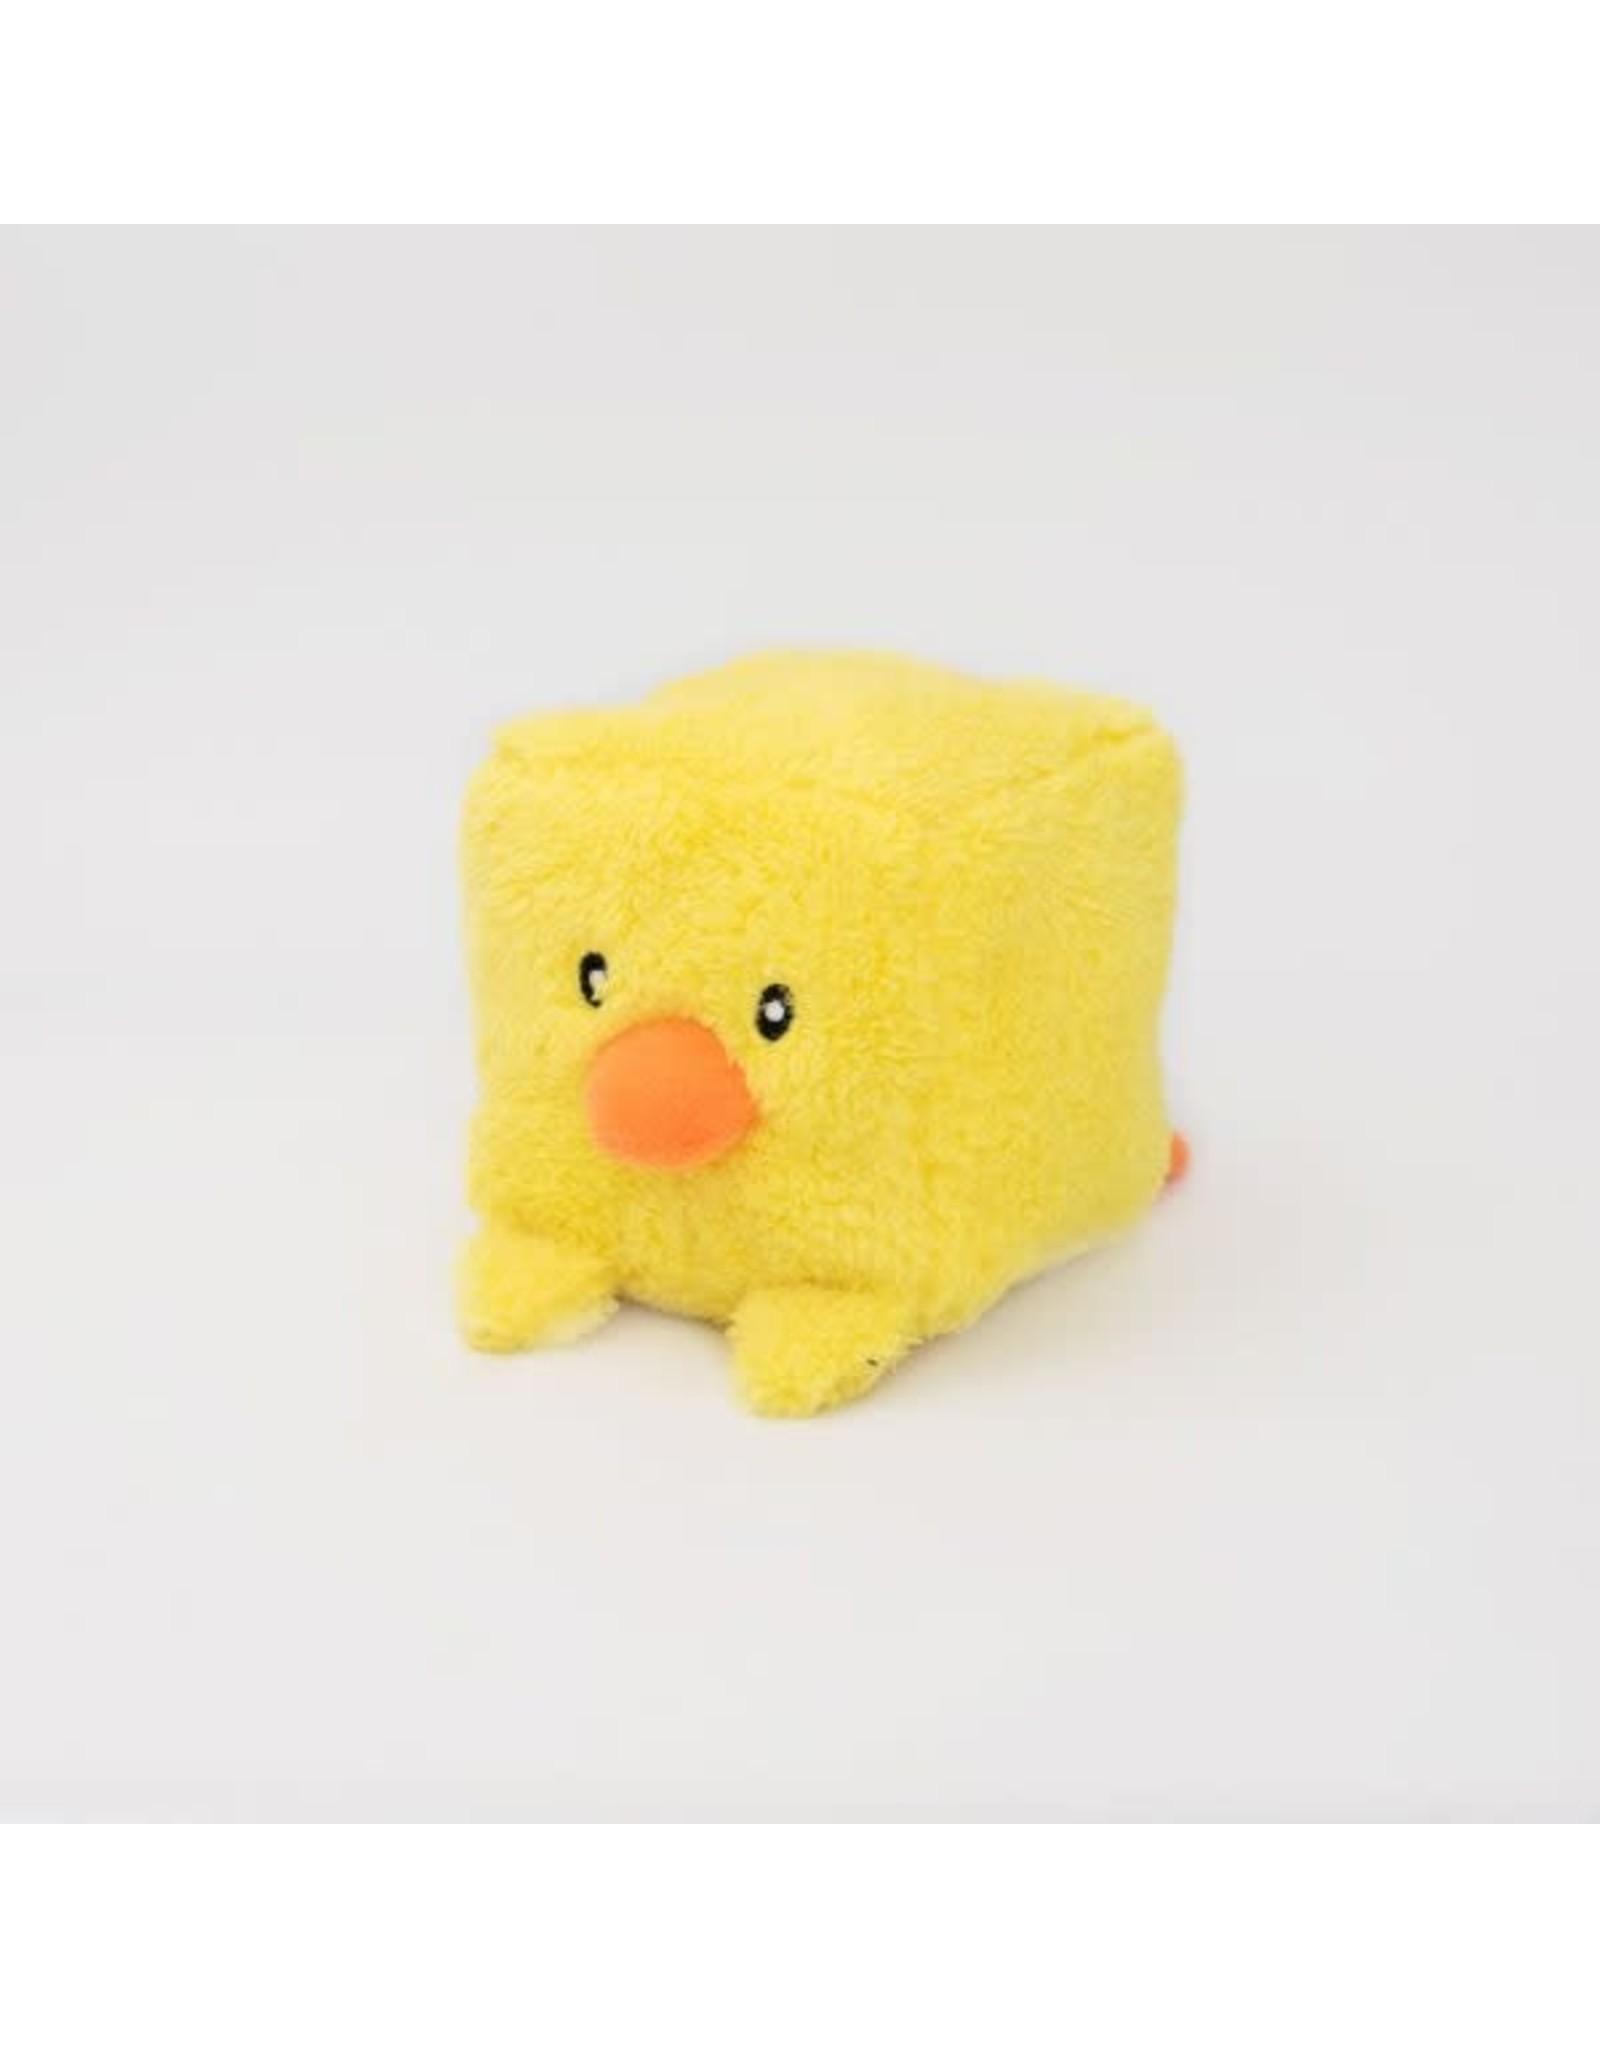 Squeakie Block - Duck - Dog Toy